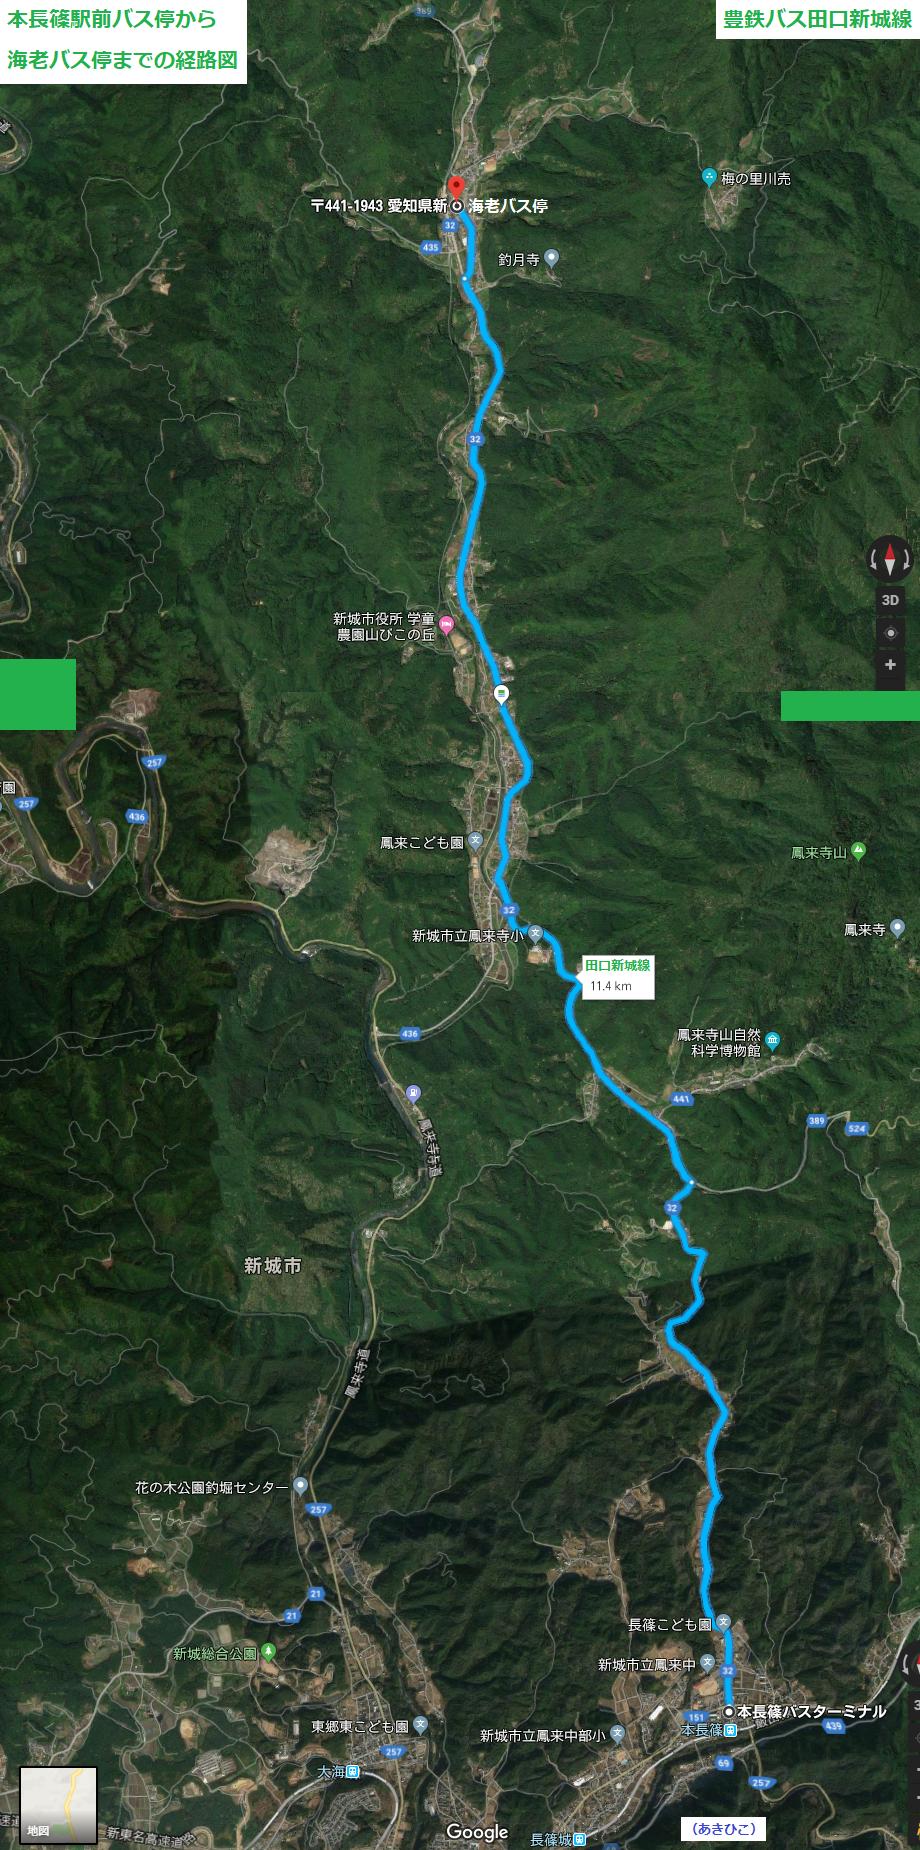 豊鉄バス田口新城線の経路図(本長篠-海老)(2018.12.14現在) 920-1850